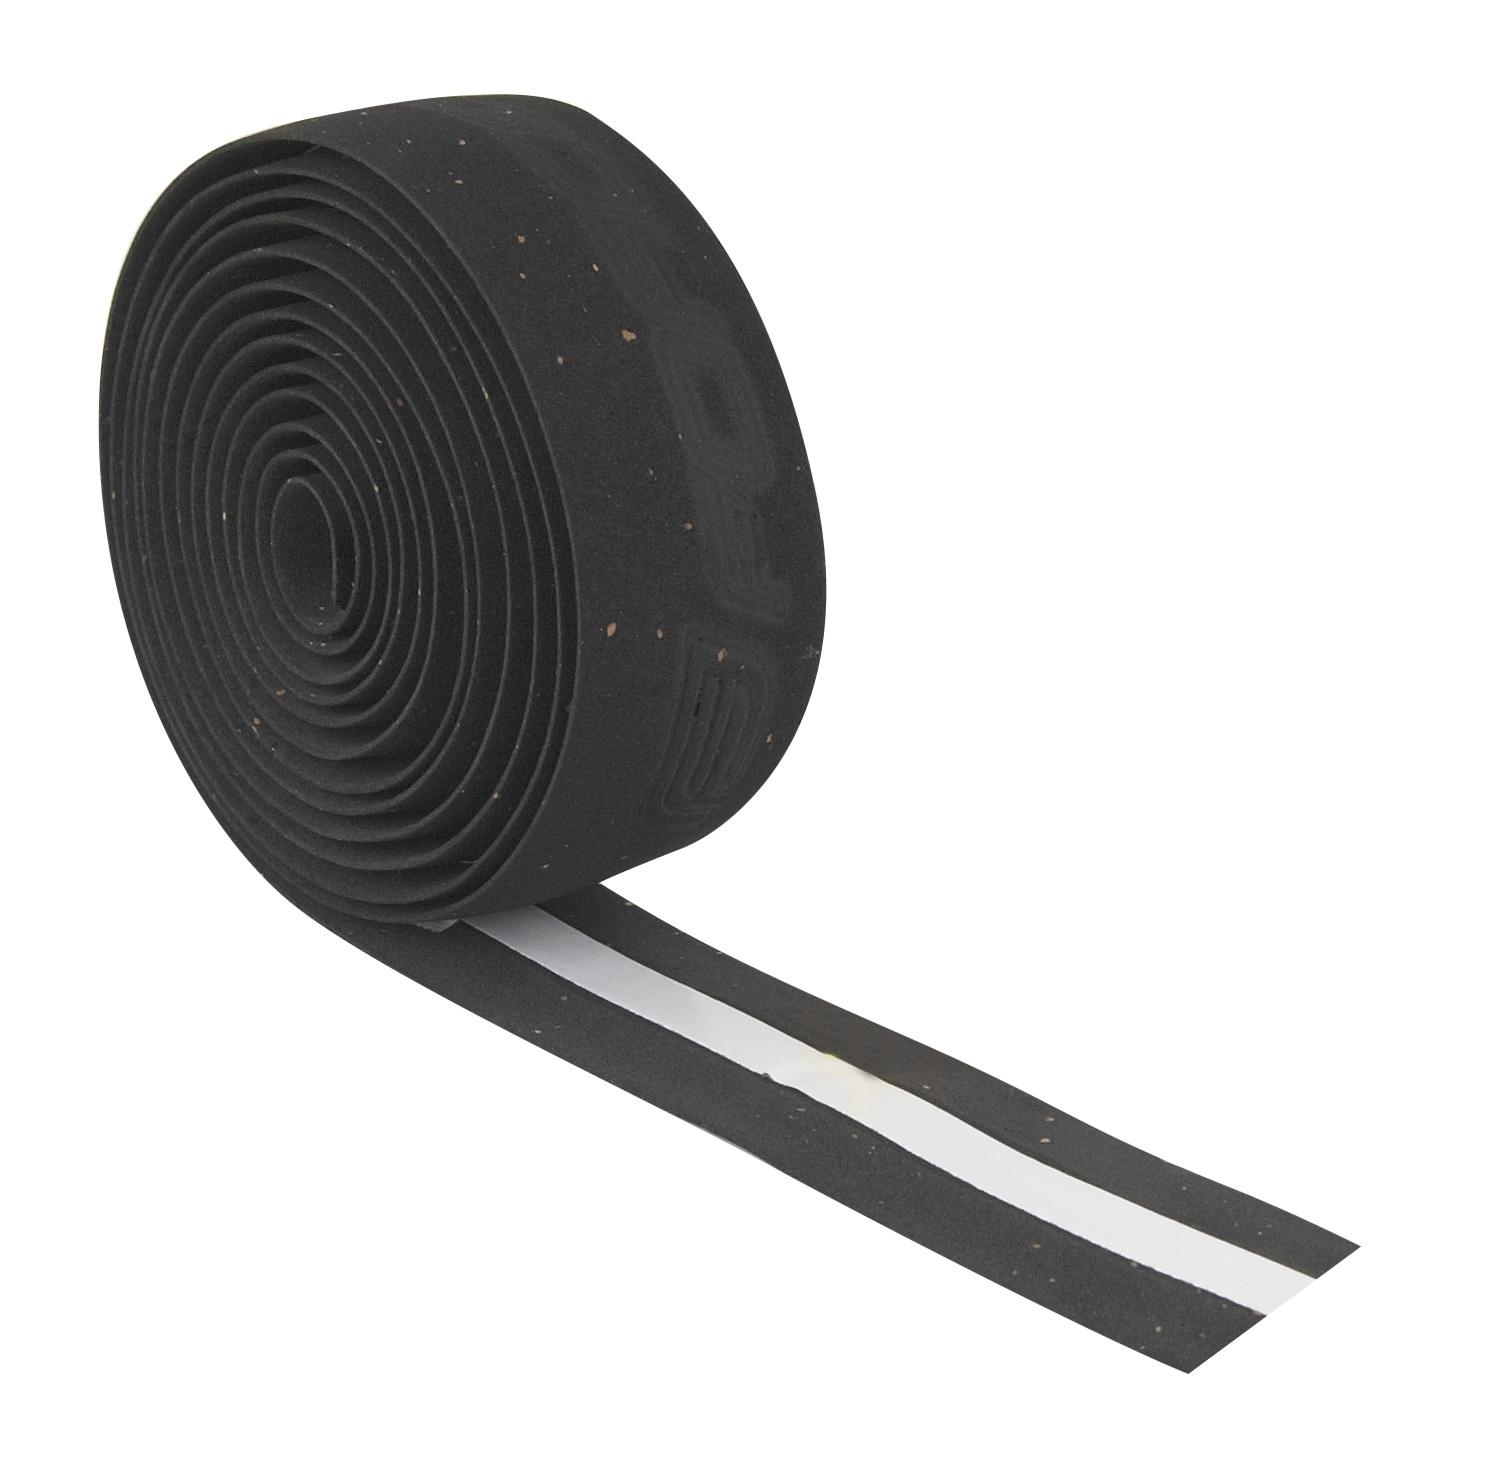 omotávky FORCE korková s vytláčeným logem, černá